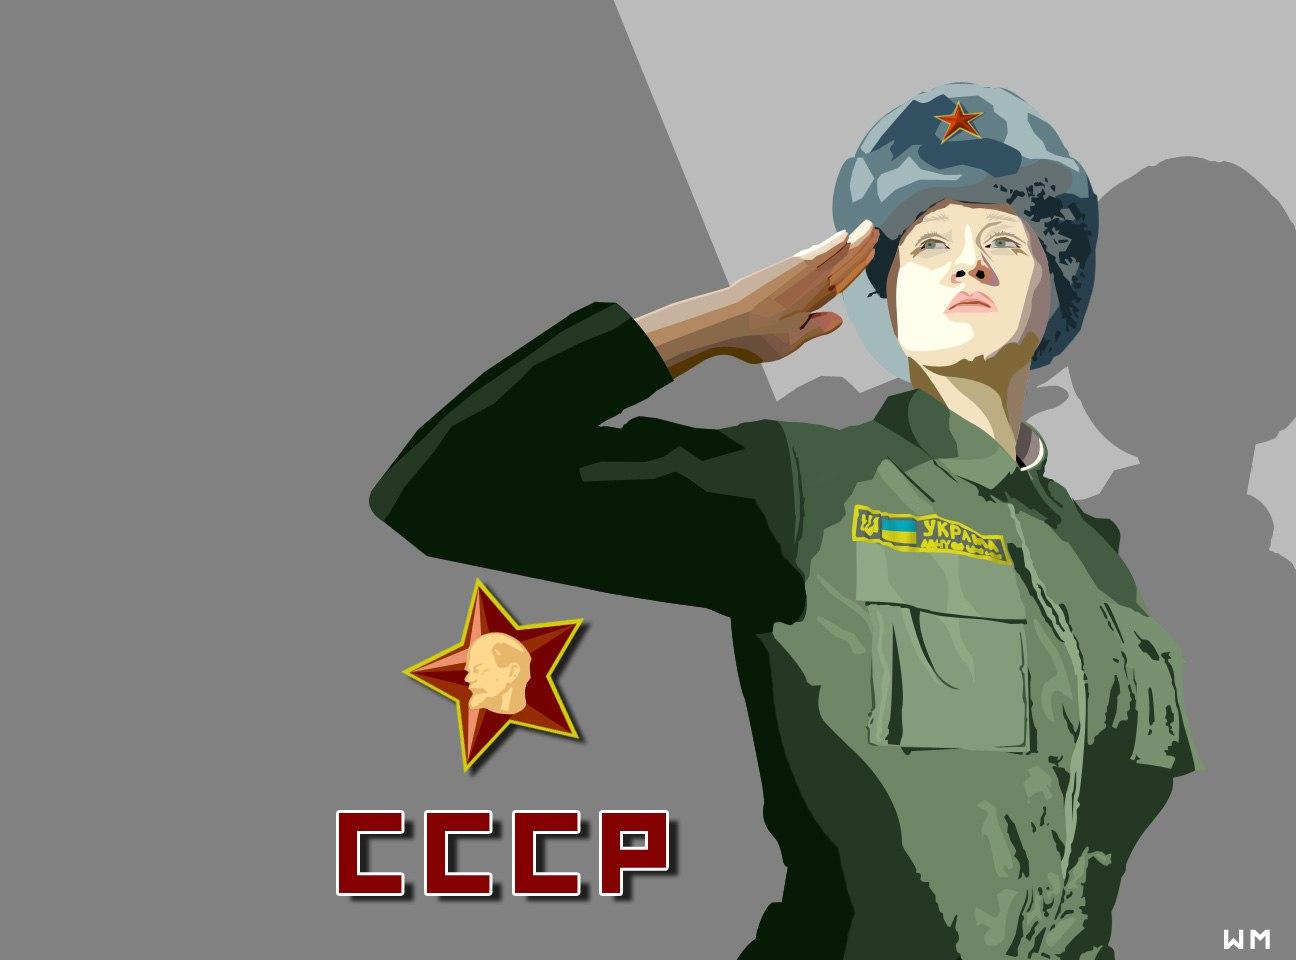 счету картинки воинское приветствие юмористические составили список